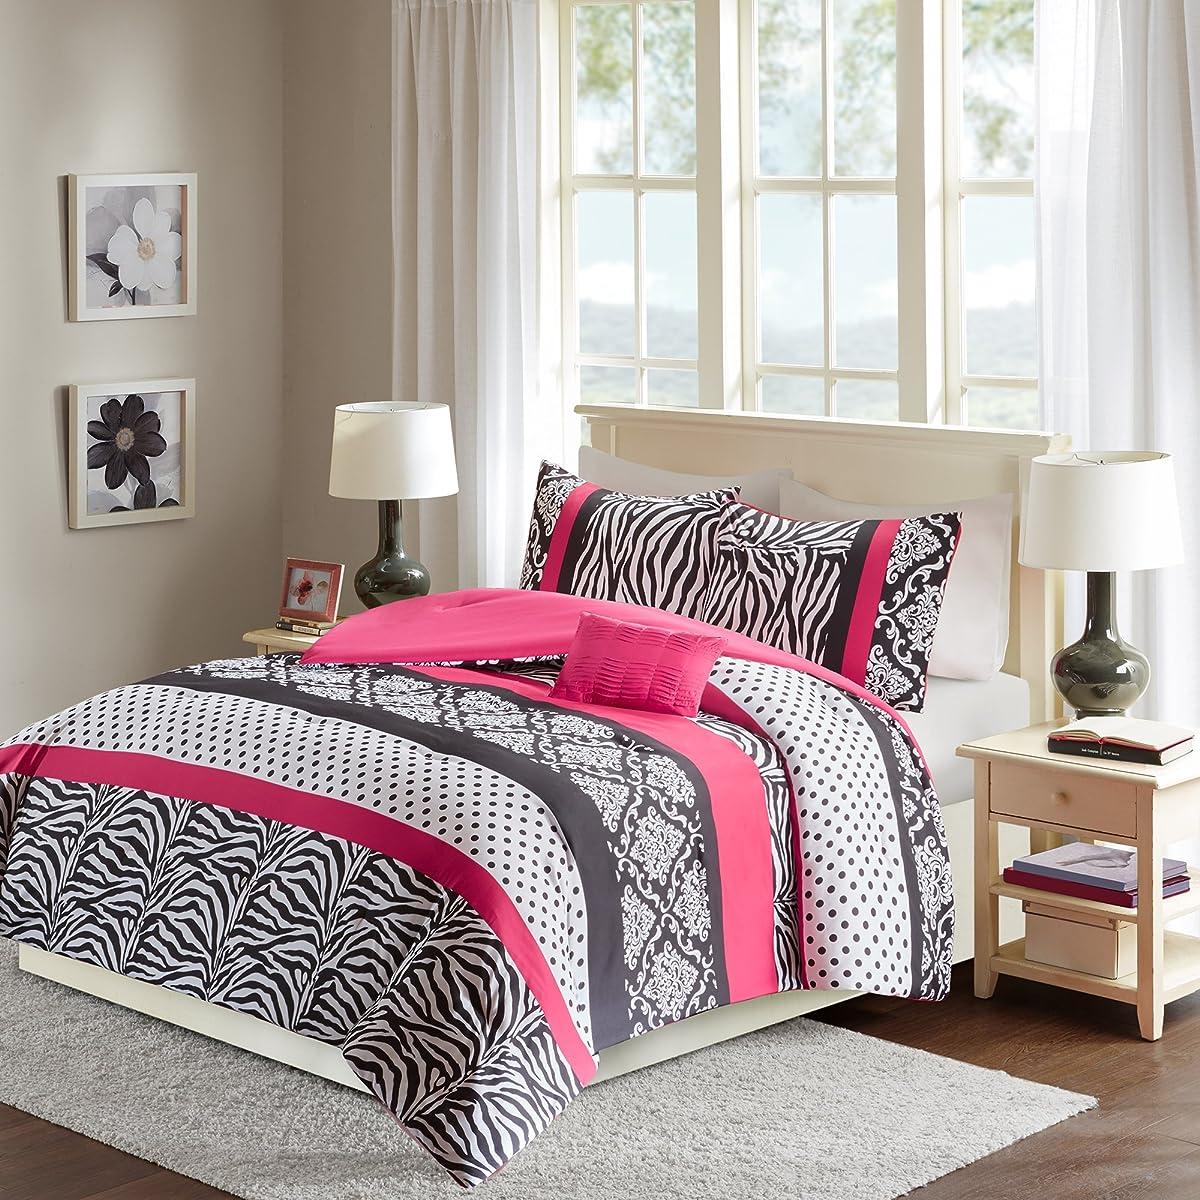 Comfort Spaces Sally Comforter Set 4 Piece Hot Pink